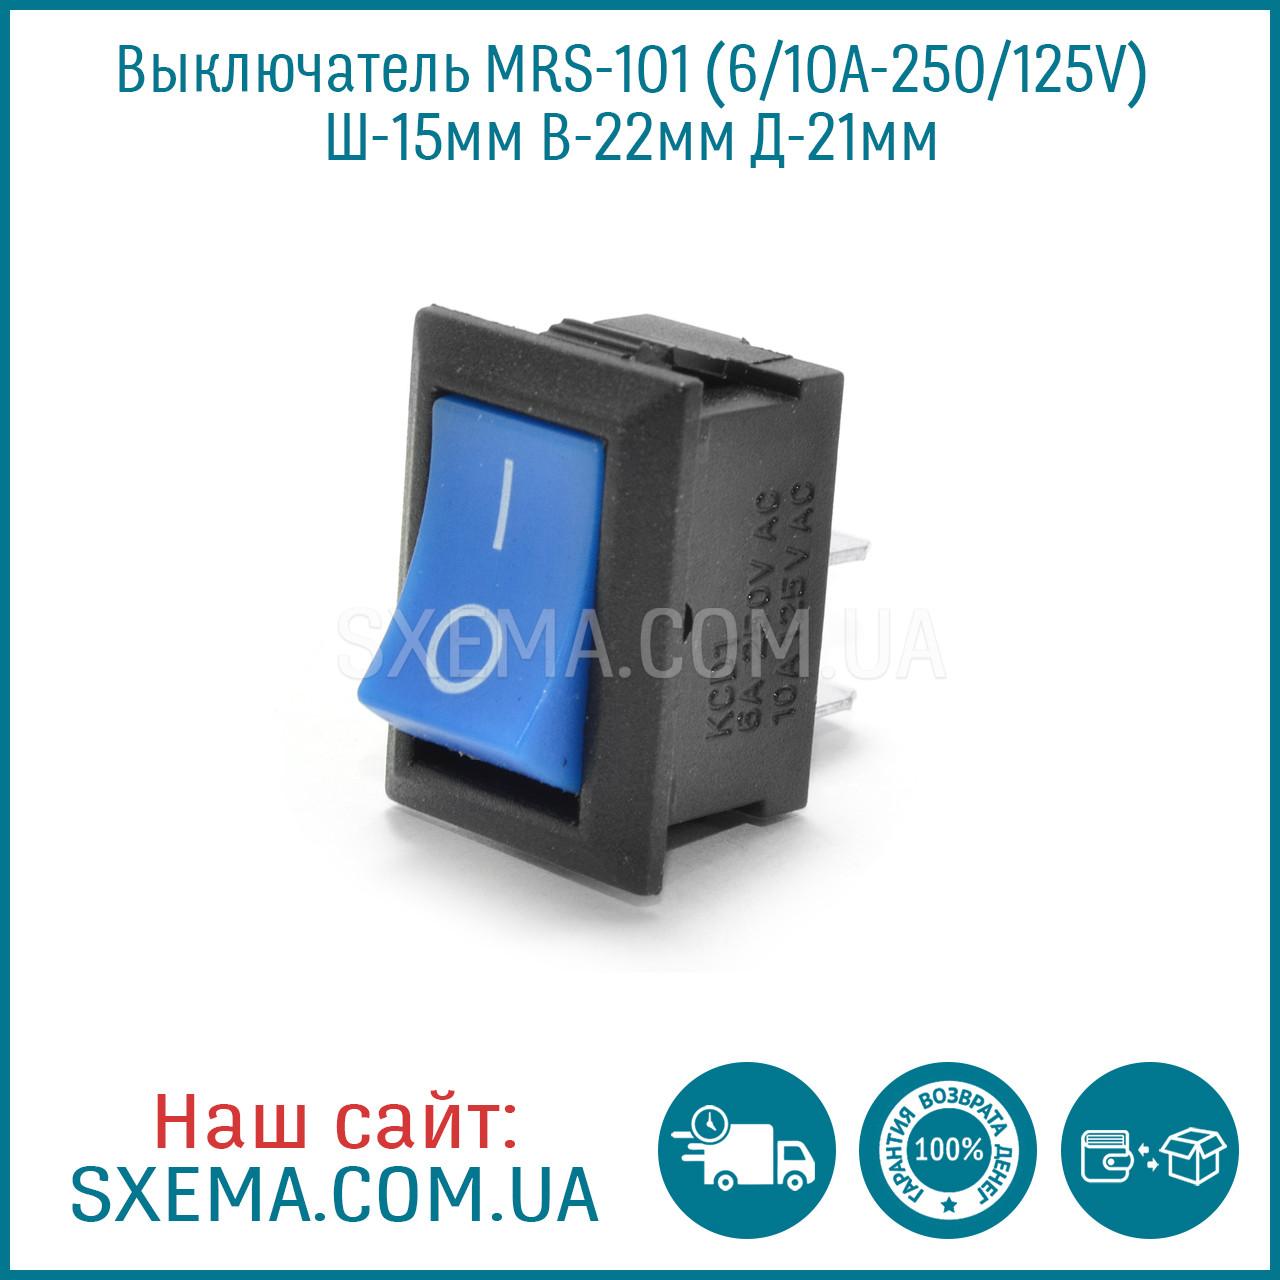 Выключатель MRS-101 синий